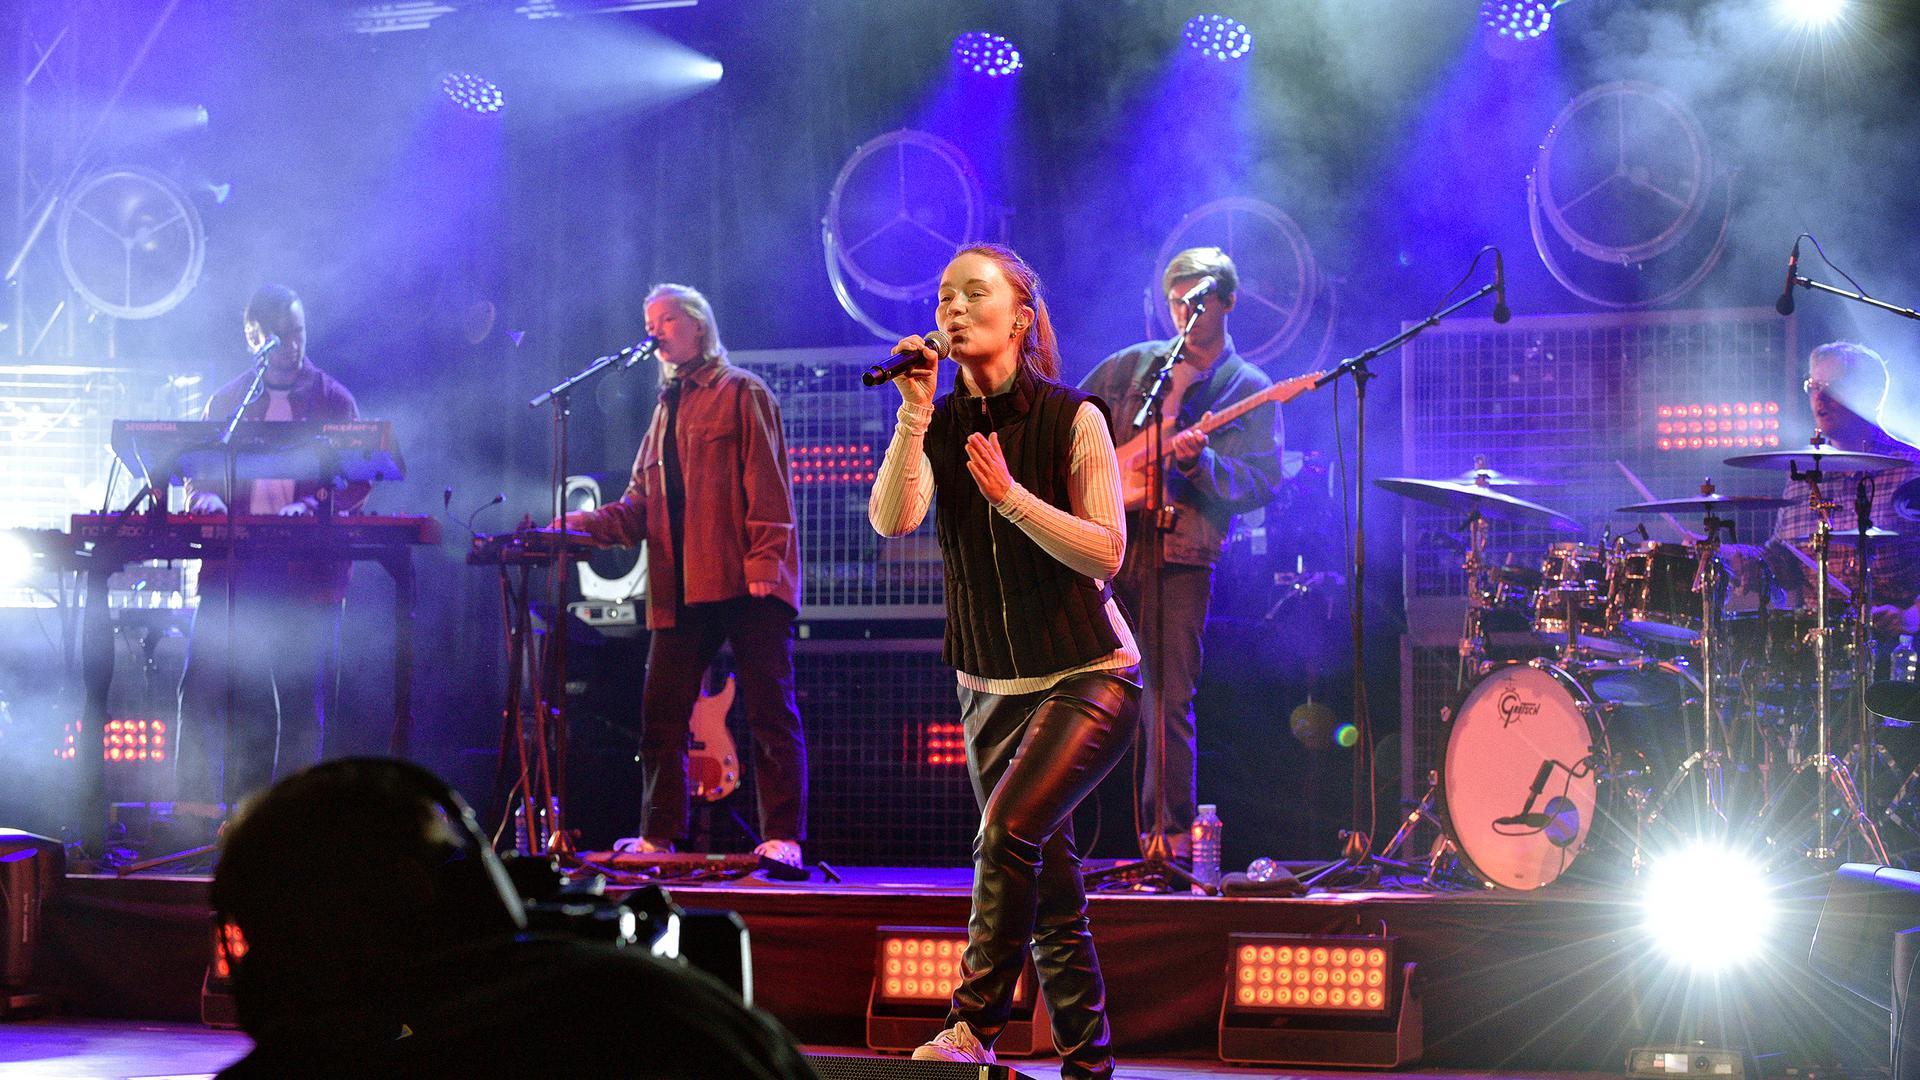 Kurhaus Baden-Baden Open-Air Bühne: SWR3 New Pop Festival mit Sigrid